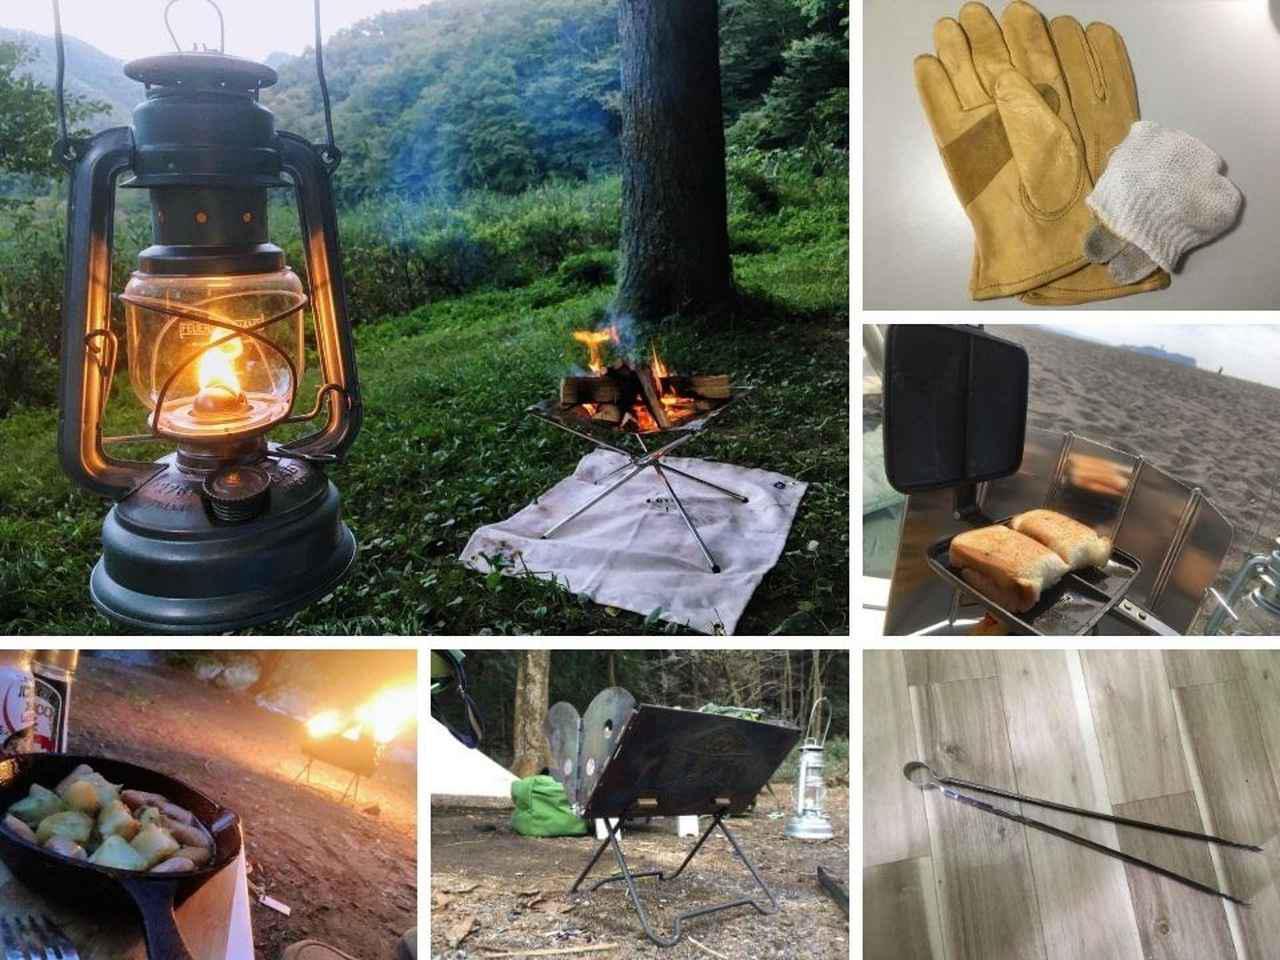 画像: ソロキャンプをさらに充実させるための道具リスト! 極めたいスタイル別に持ち物を紹介 - ハピキャン(HAPPY CAMPER)